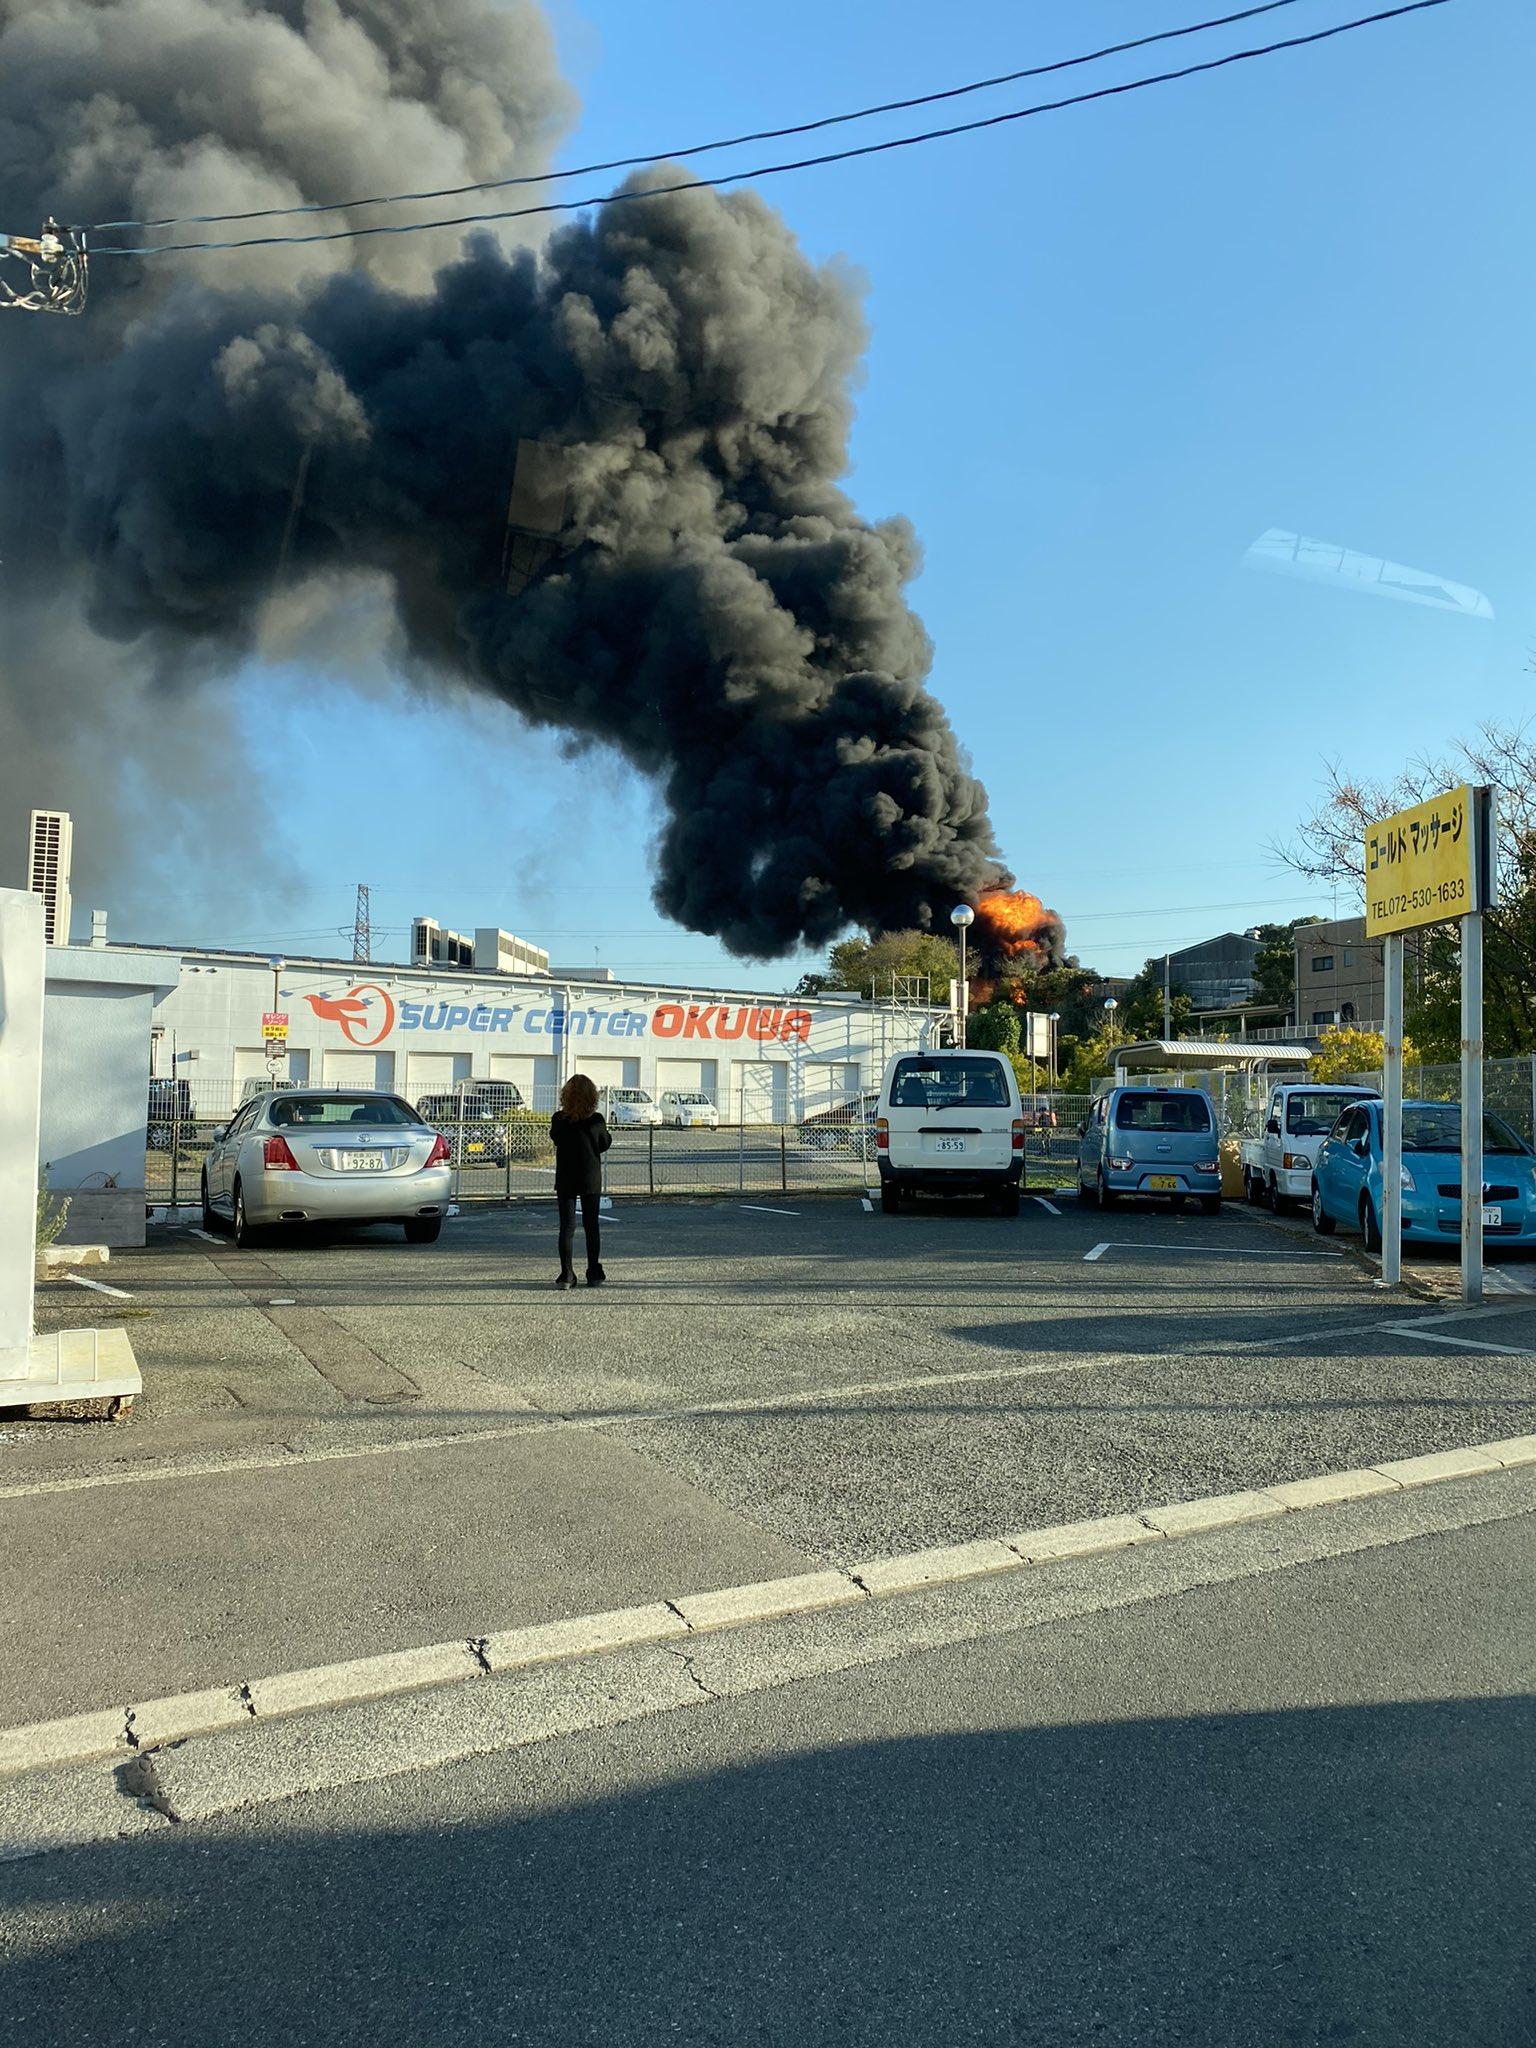 市 火事 和泉 12月5日に発生した和泉市納花町の火事(1月22日更新)